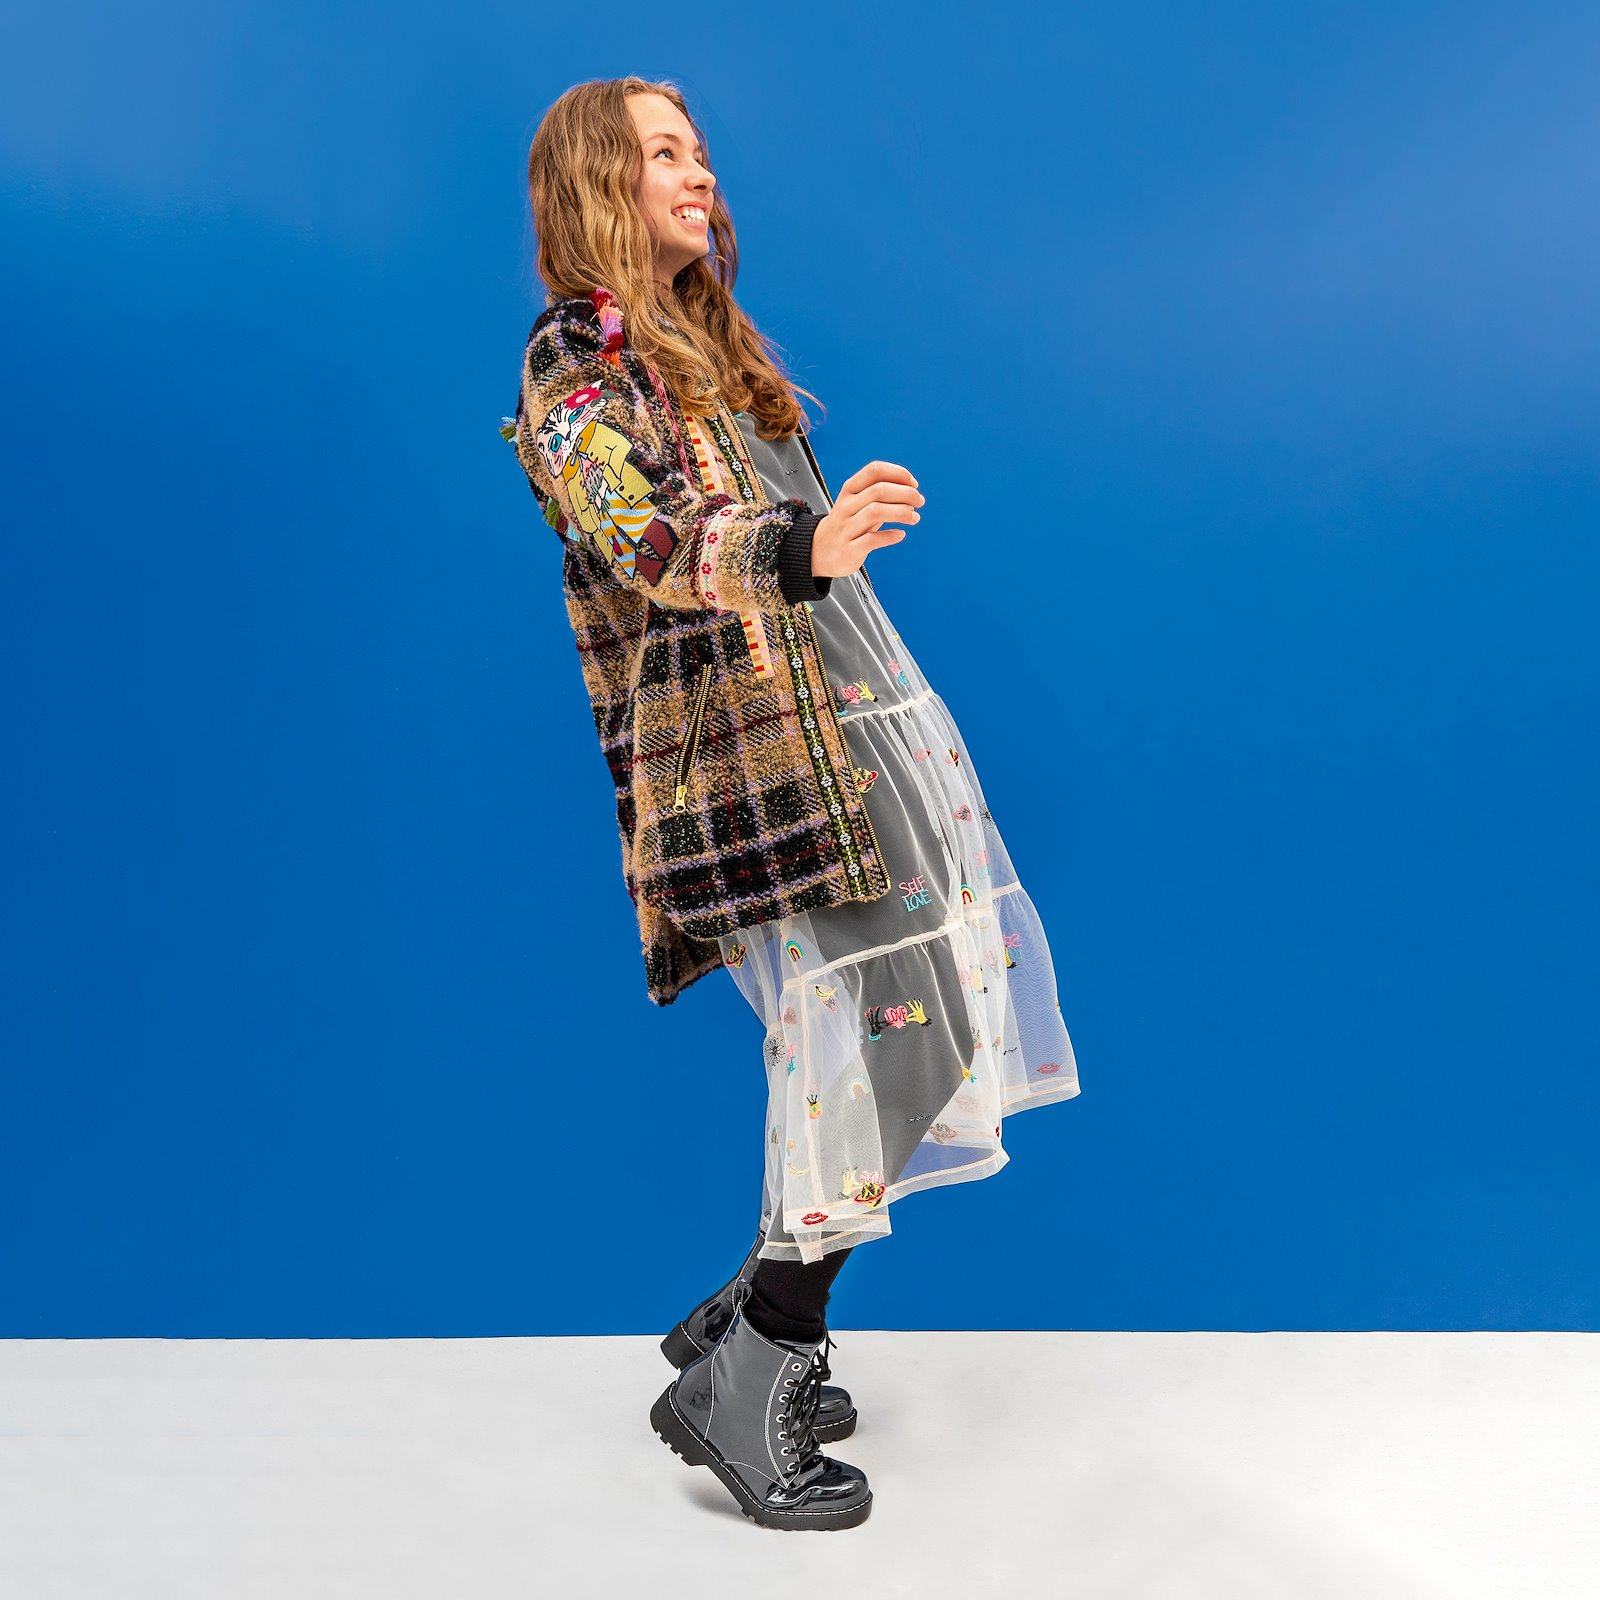 Jacket with raglan sleeves, 116/6y p64019_300228_3243_22399_22409_22410_22364_22411_22402_22360_22362_24842_24839_bundle